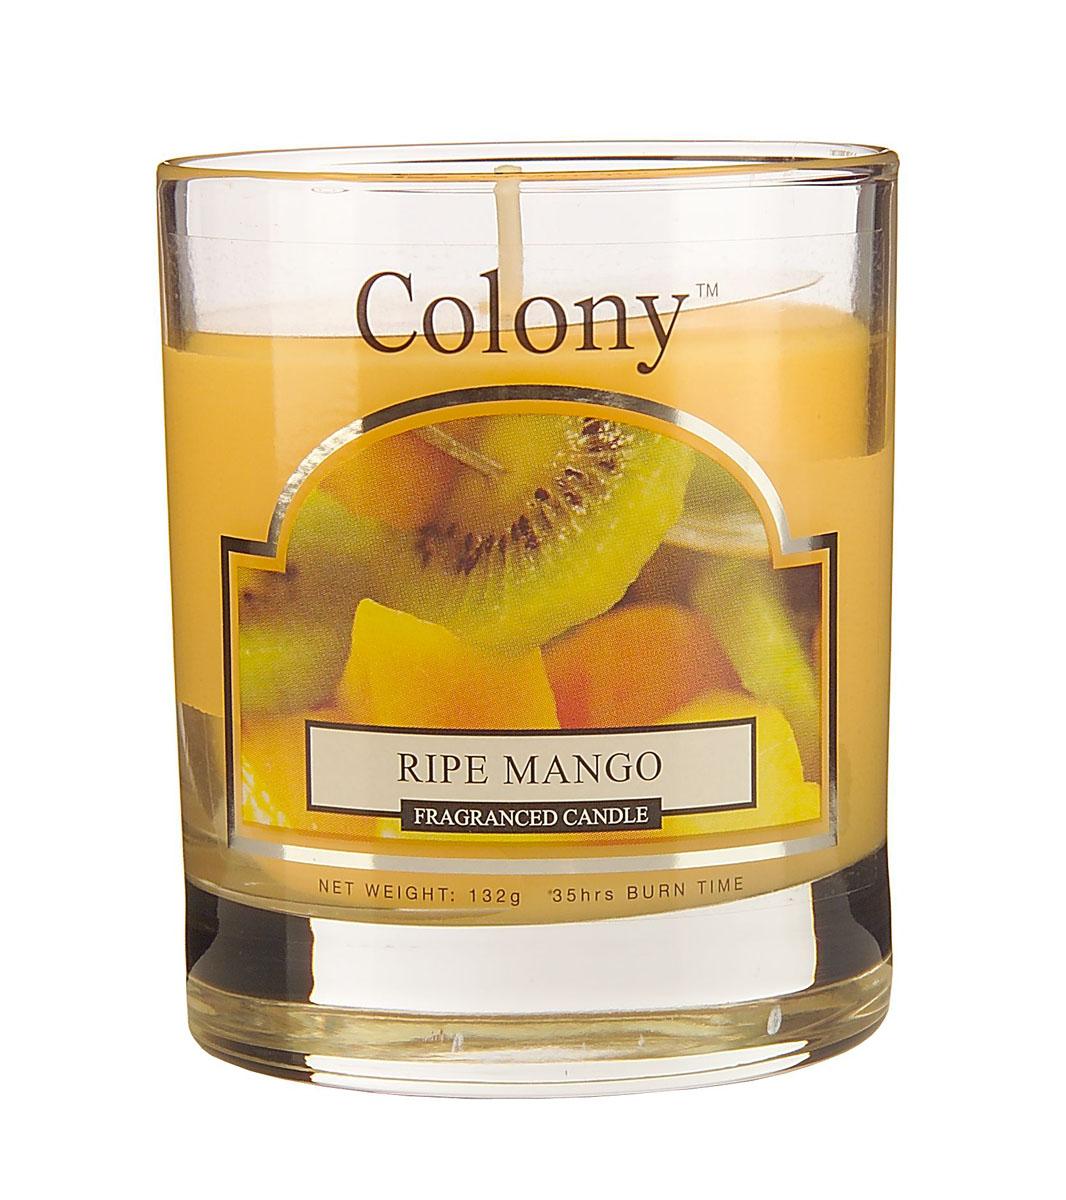 Wax Lyrical Спелый манго ароматизированная свеча в стекле малая, 35 часов wax depilatory